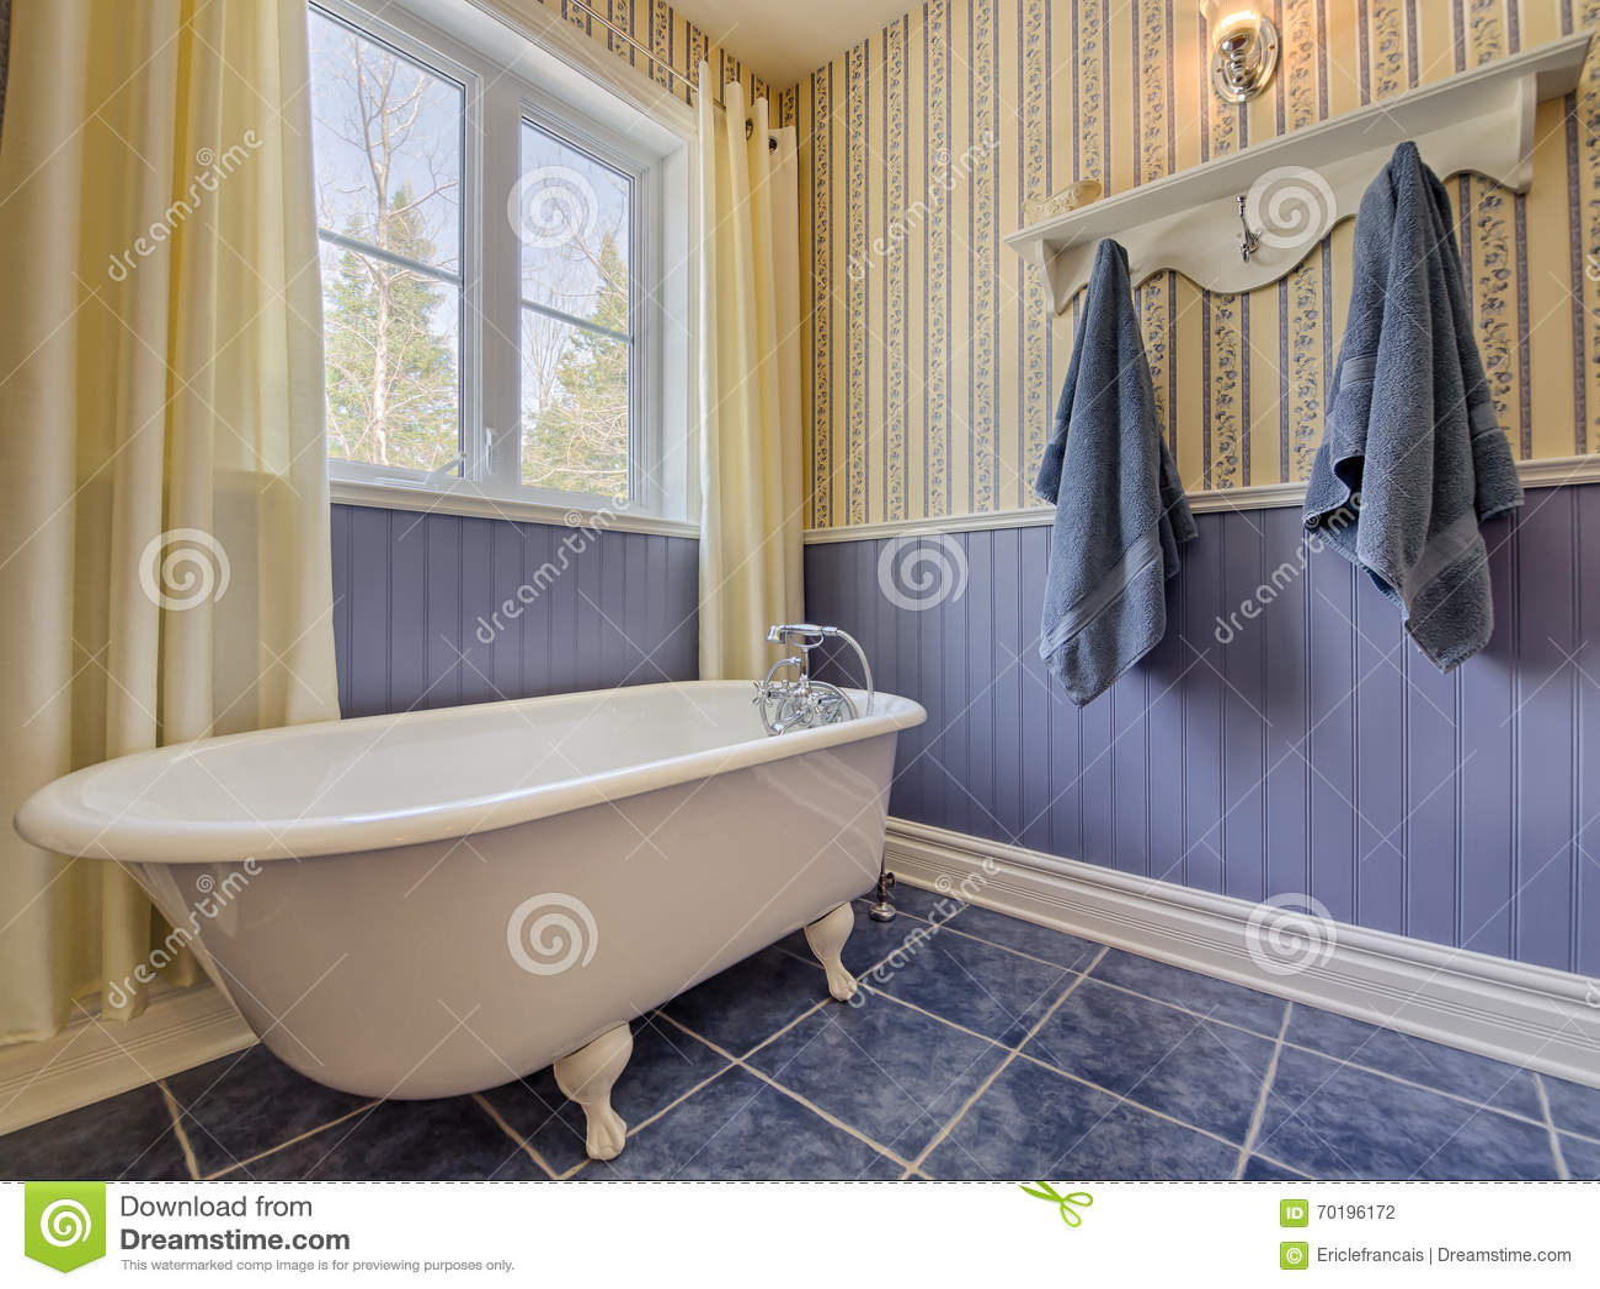 Bagno Beige E Blu : Bagno giallo e blu di stile antico fotografia stock immagine di